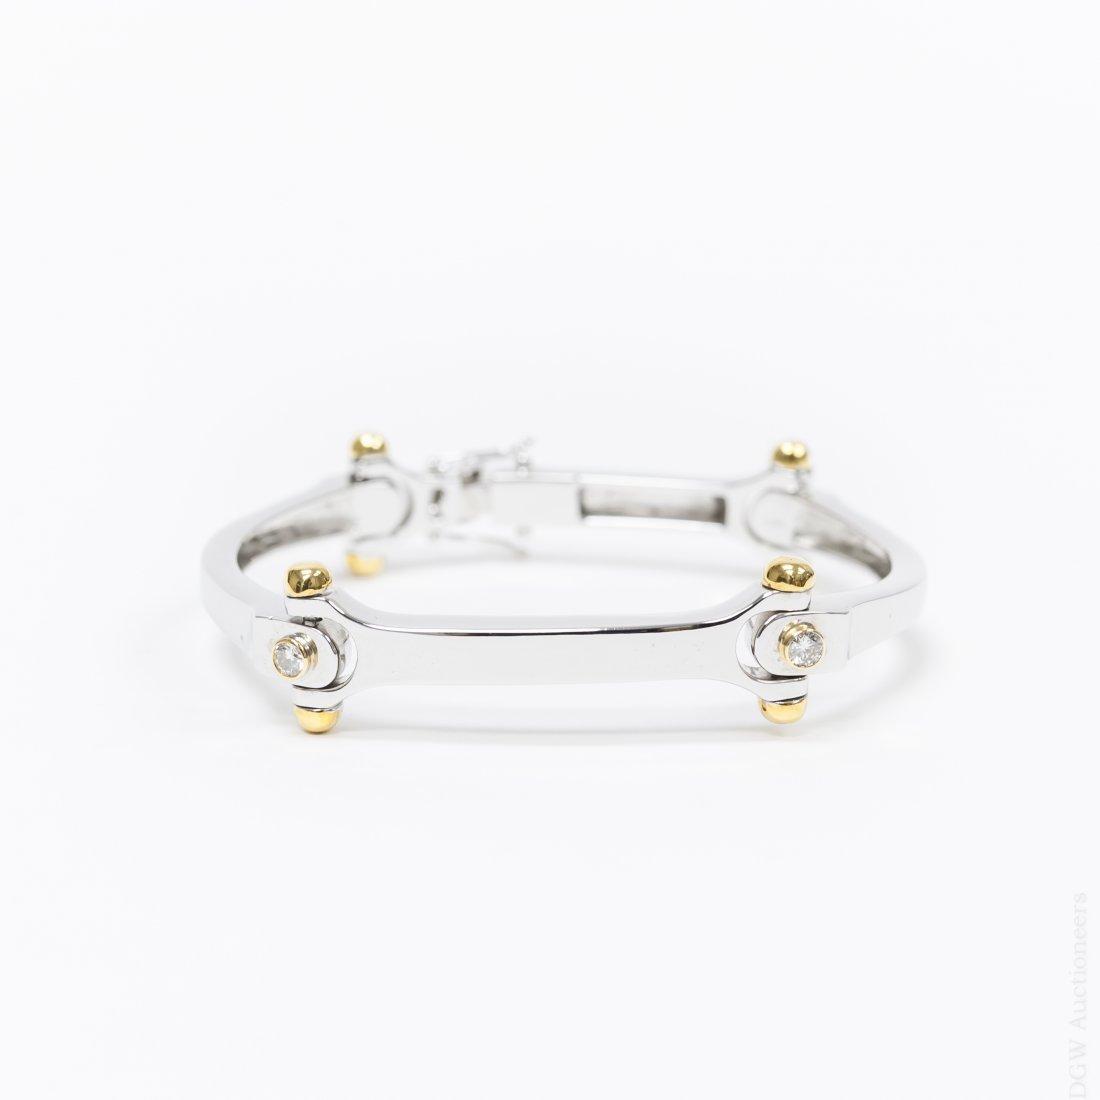 18K White & Yellow Gold Custom Bracelet.